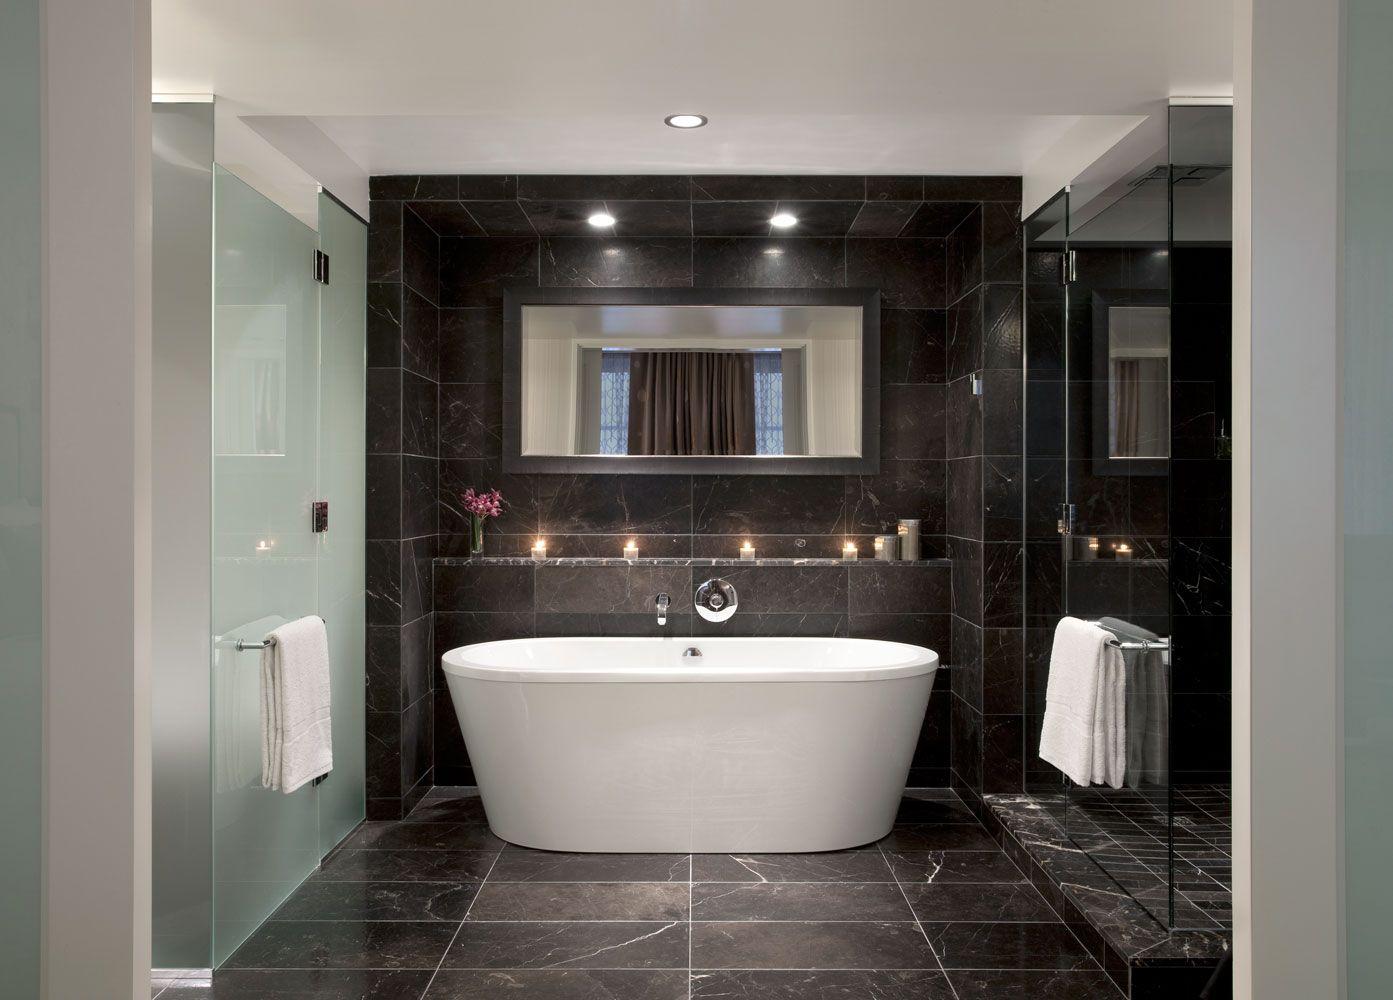 Bathroom Cabinets Georgia modelo vancouver lacado en blanco roto.   baño modelo vancouver